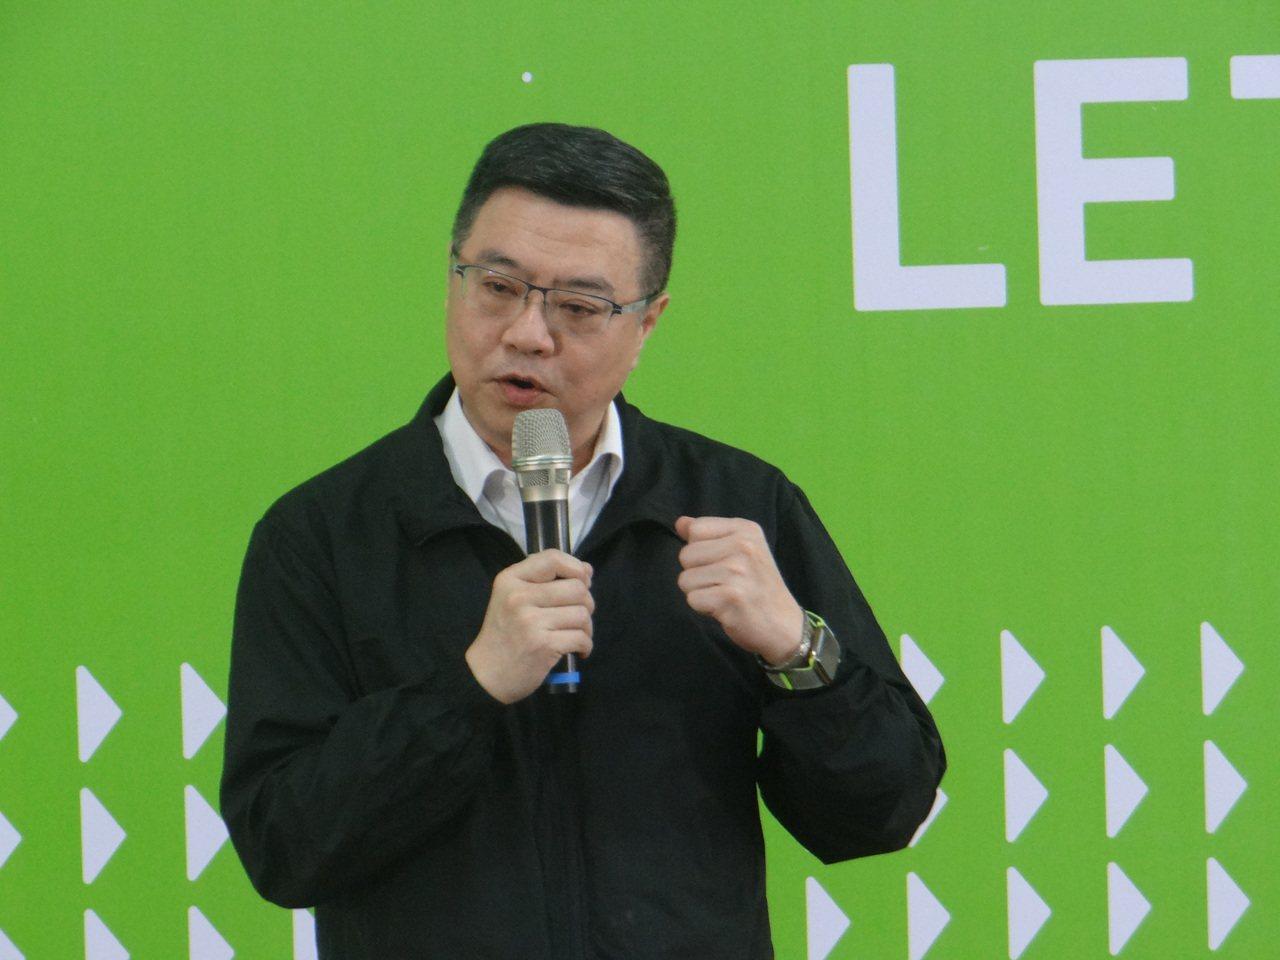 民進黨主席卓榮泰今天下午到雲林和輔選幹部座談,強調因應選情變化,希望蘇治芬參選,...